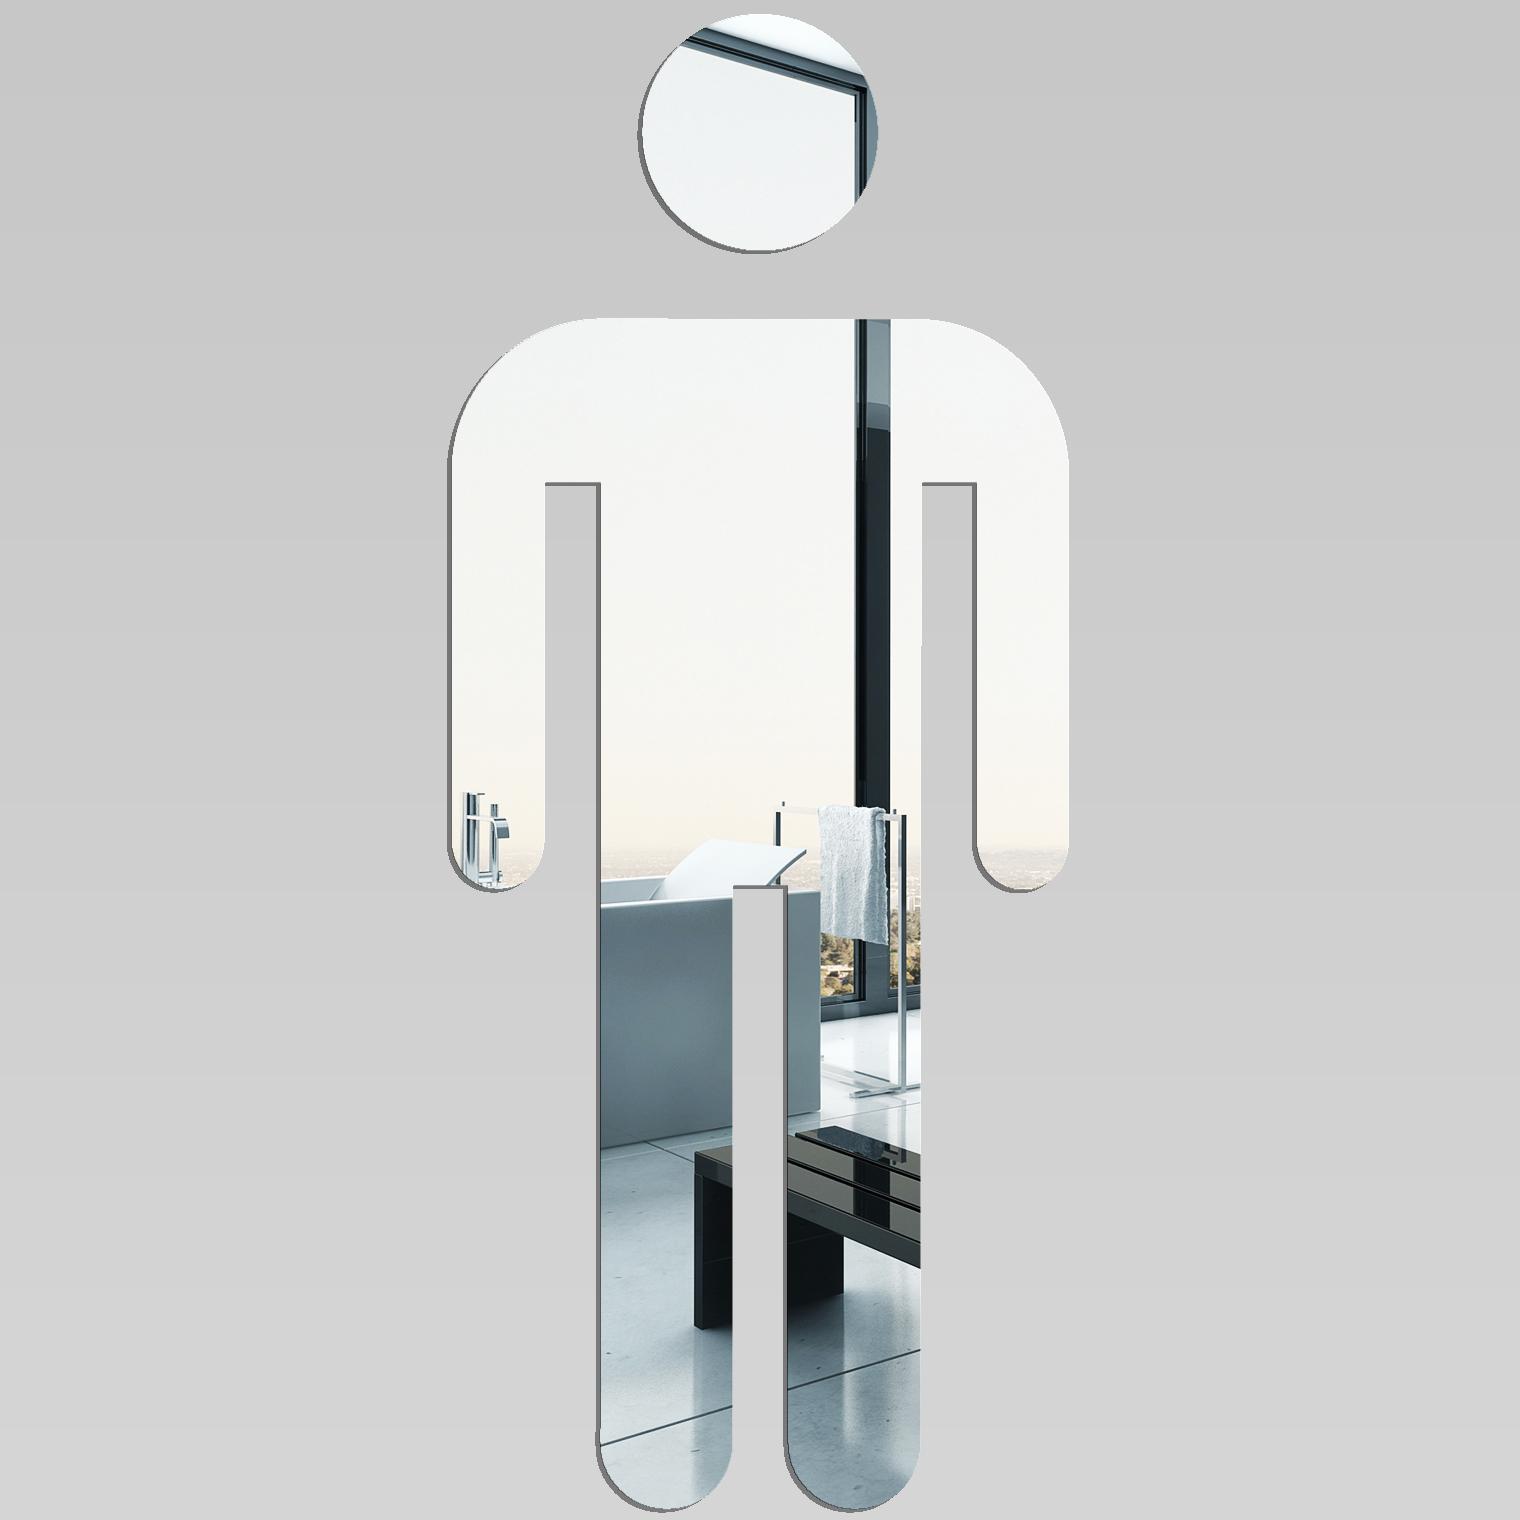 Miroir plexiglass acrylique wc homme pas cher for Miroir en acrylique